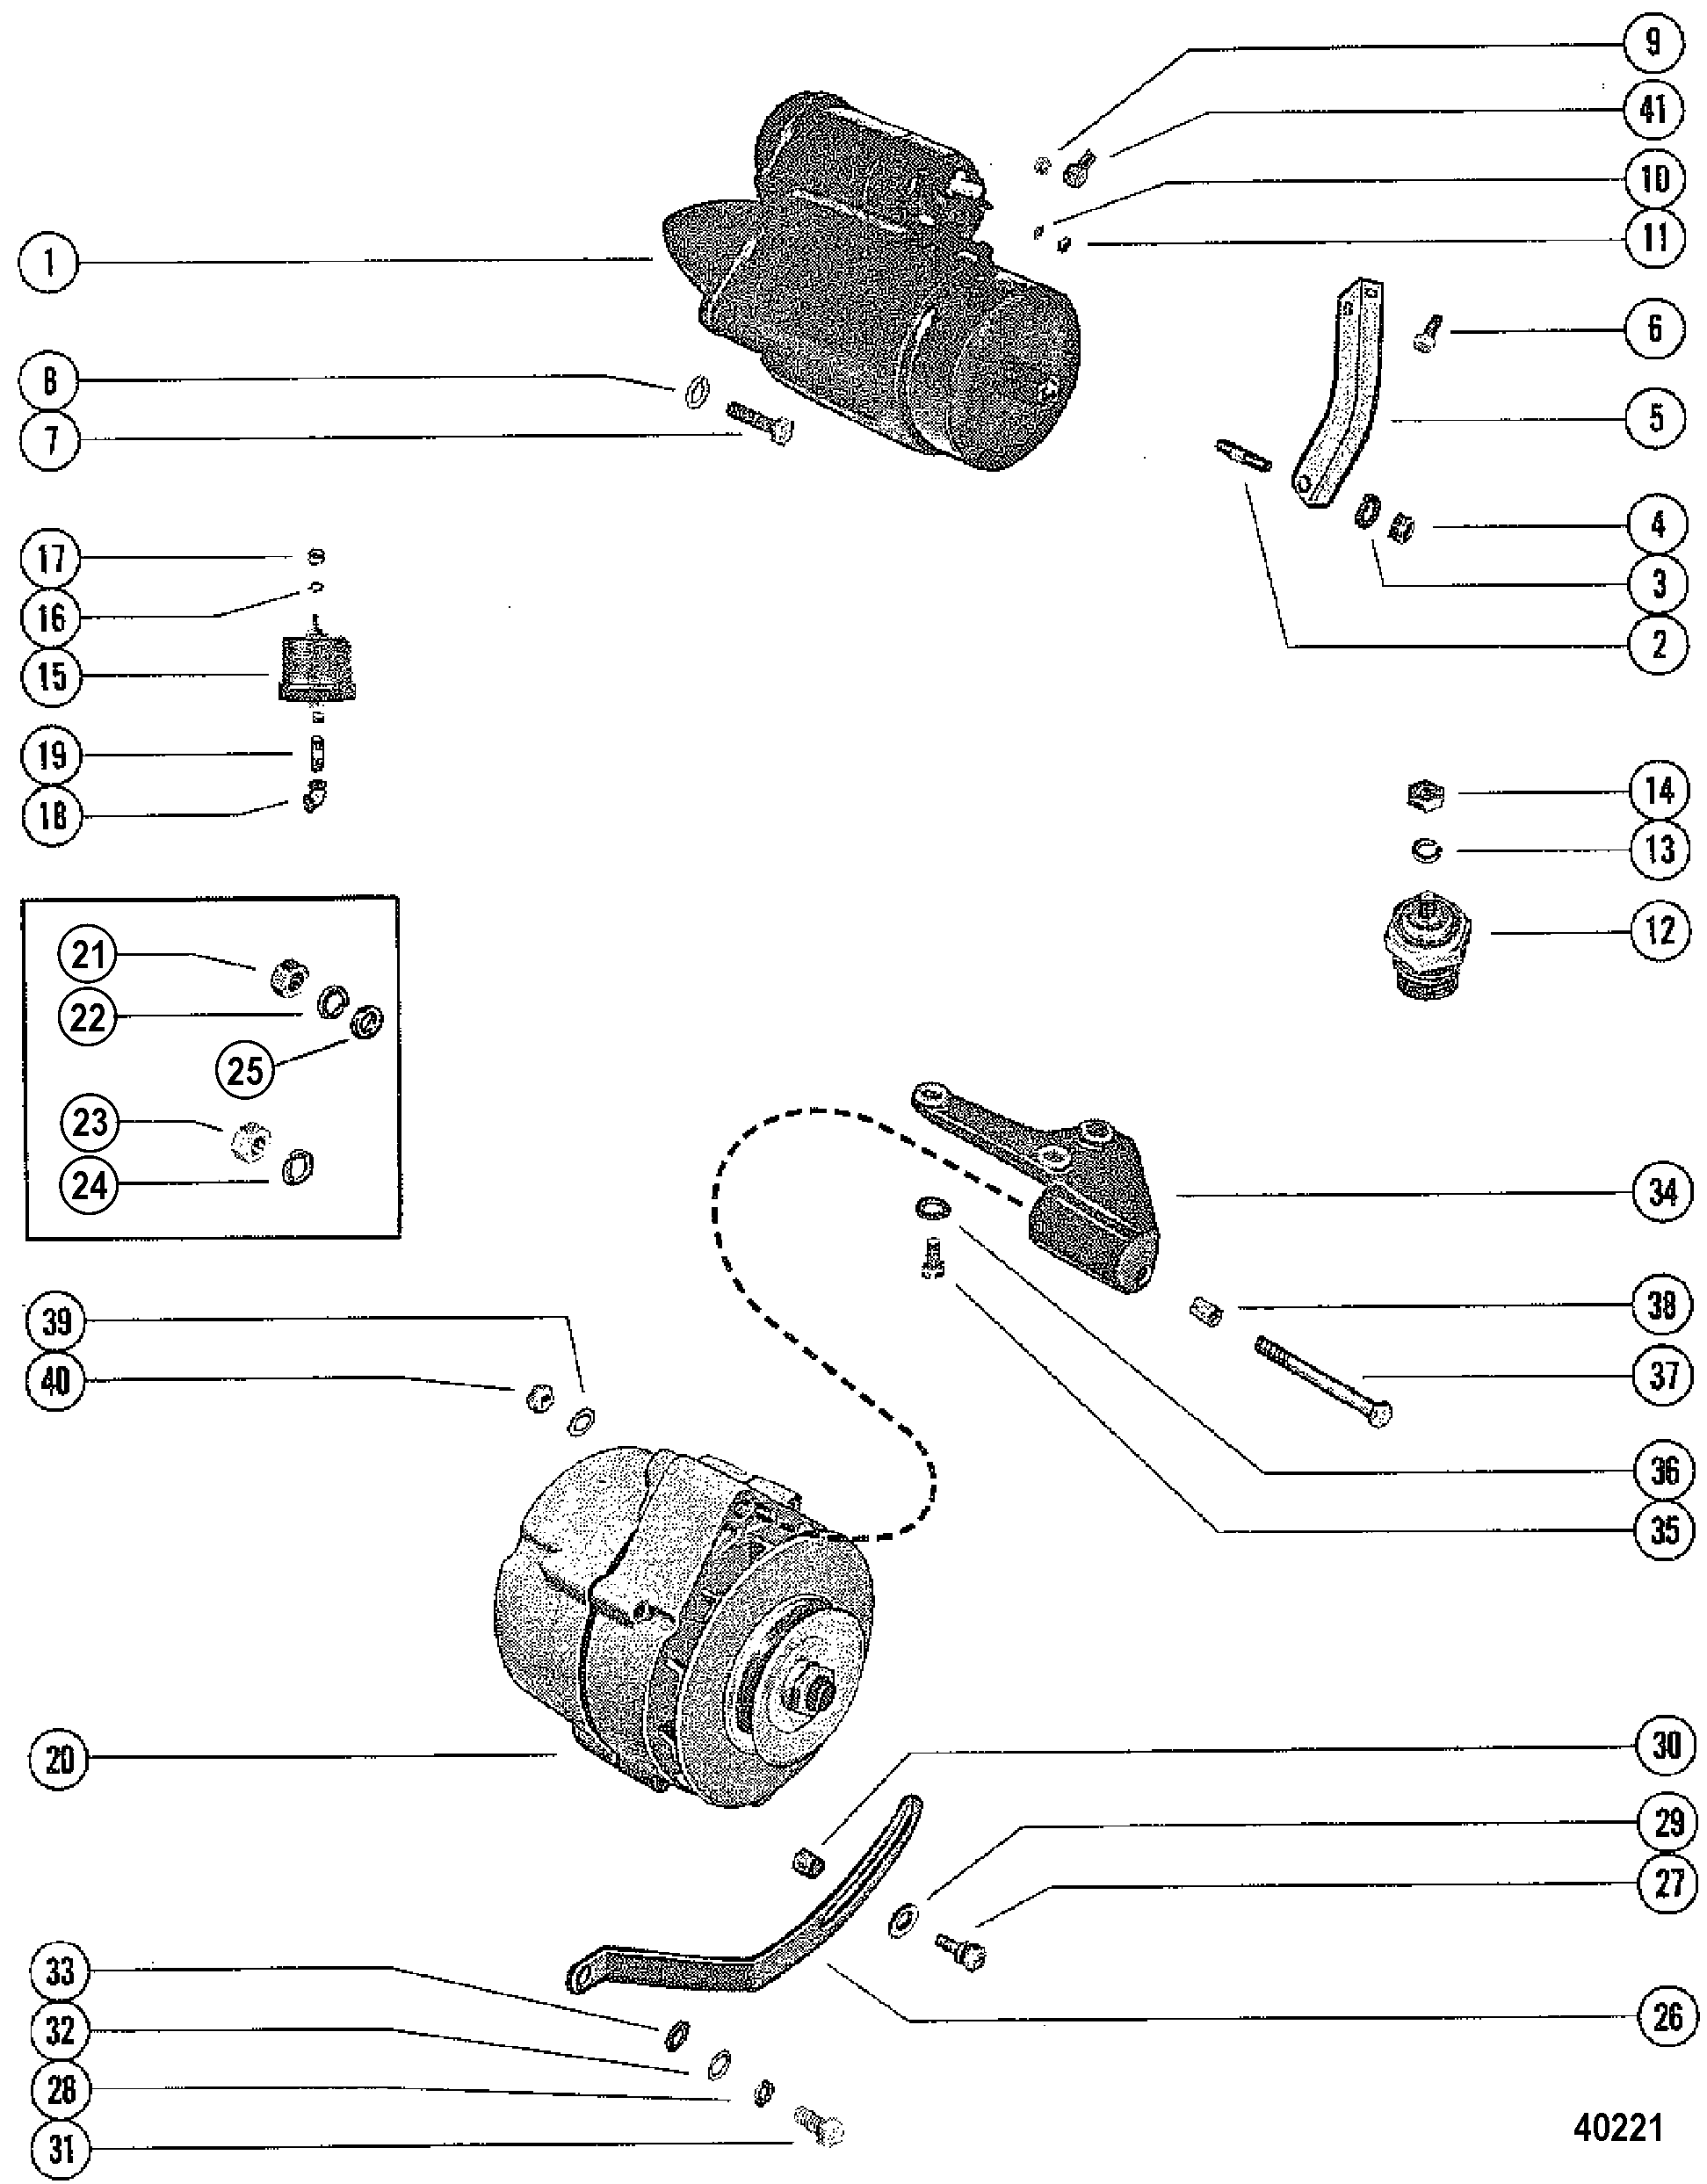 Starter Motor And Alternator For Mercruiser 228 Engine G M